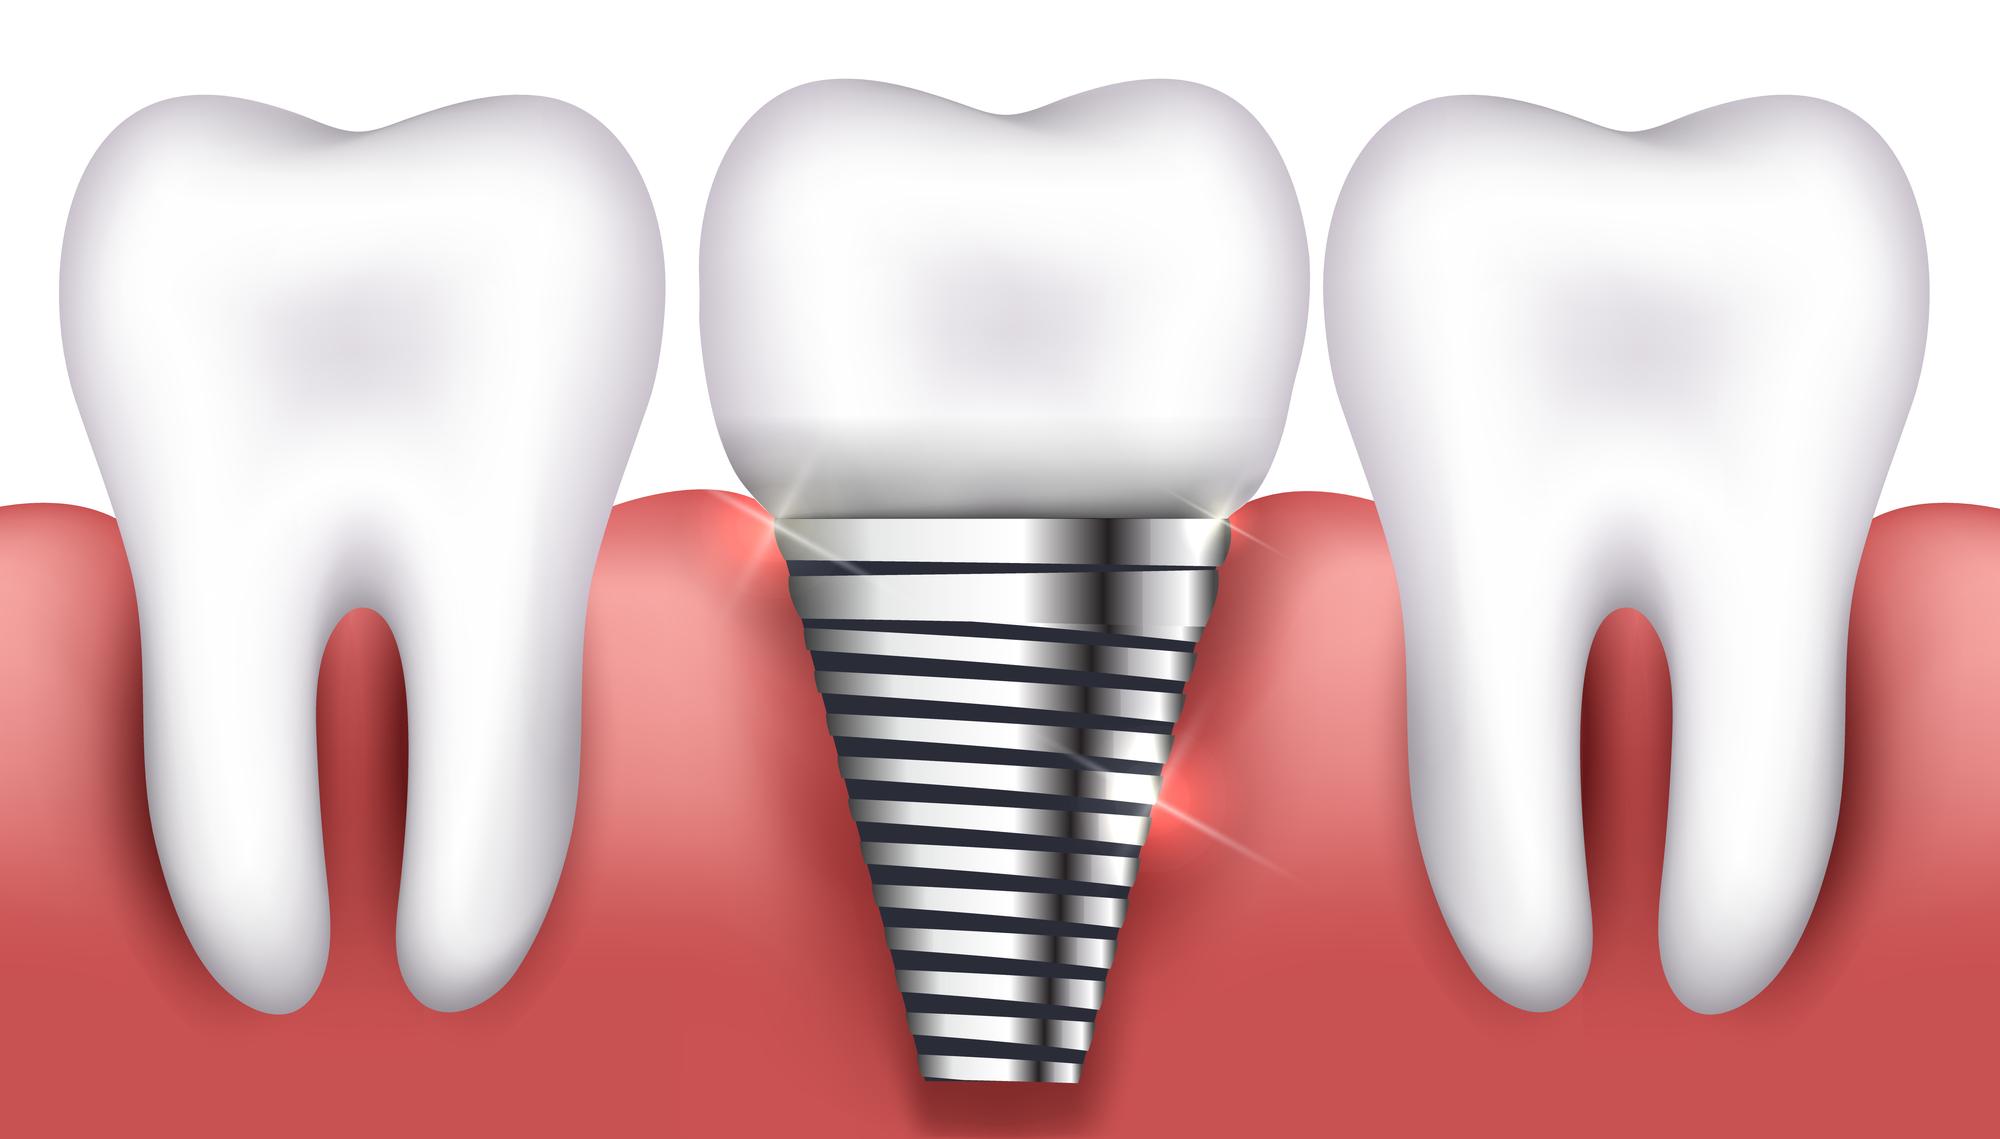 כל מה שרצית לדעת על השתלת שיניים